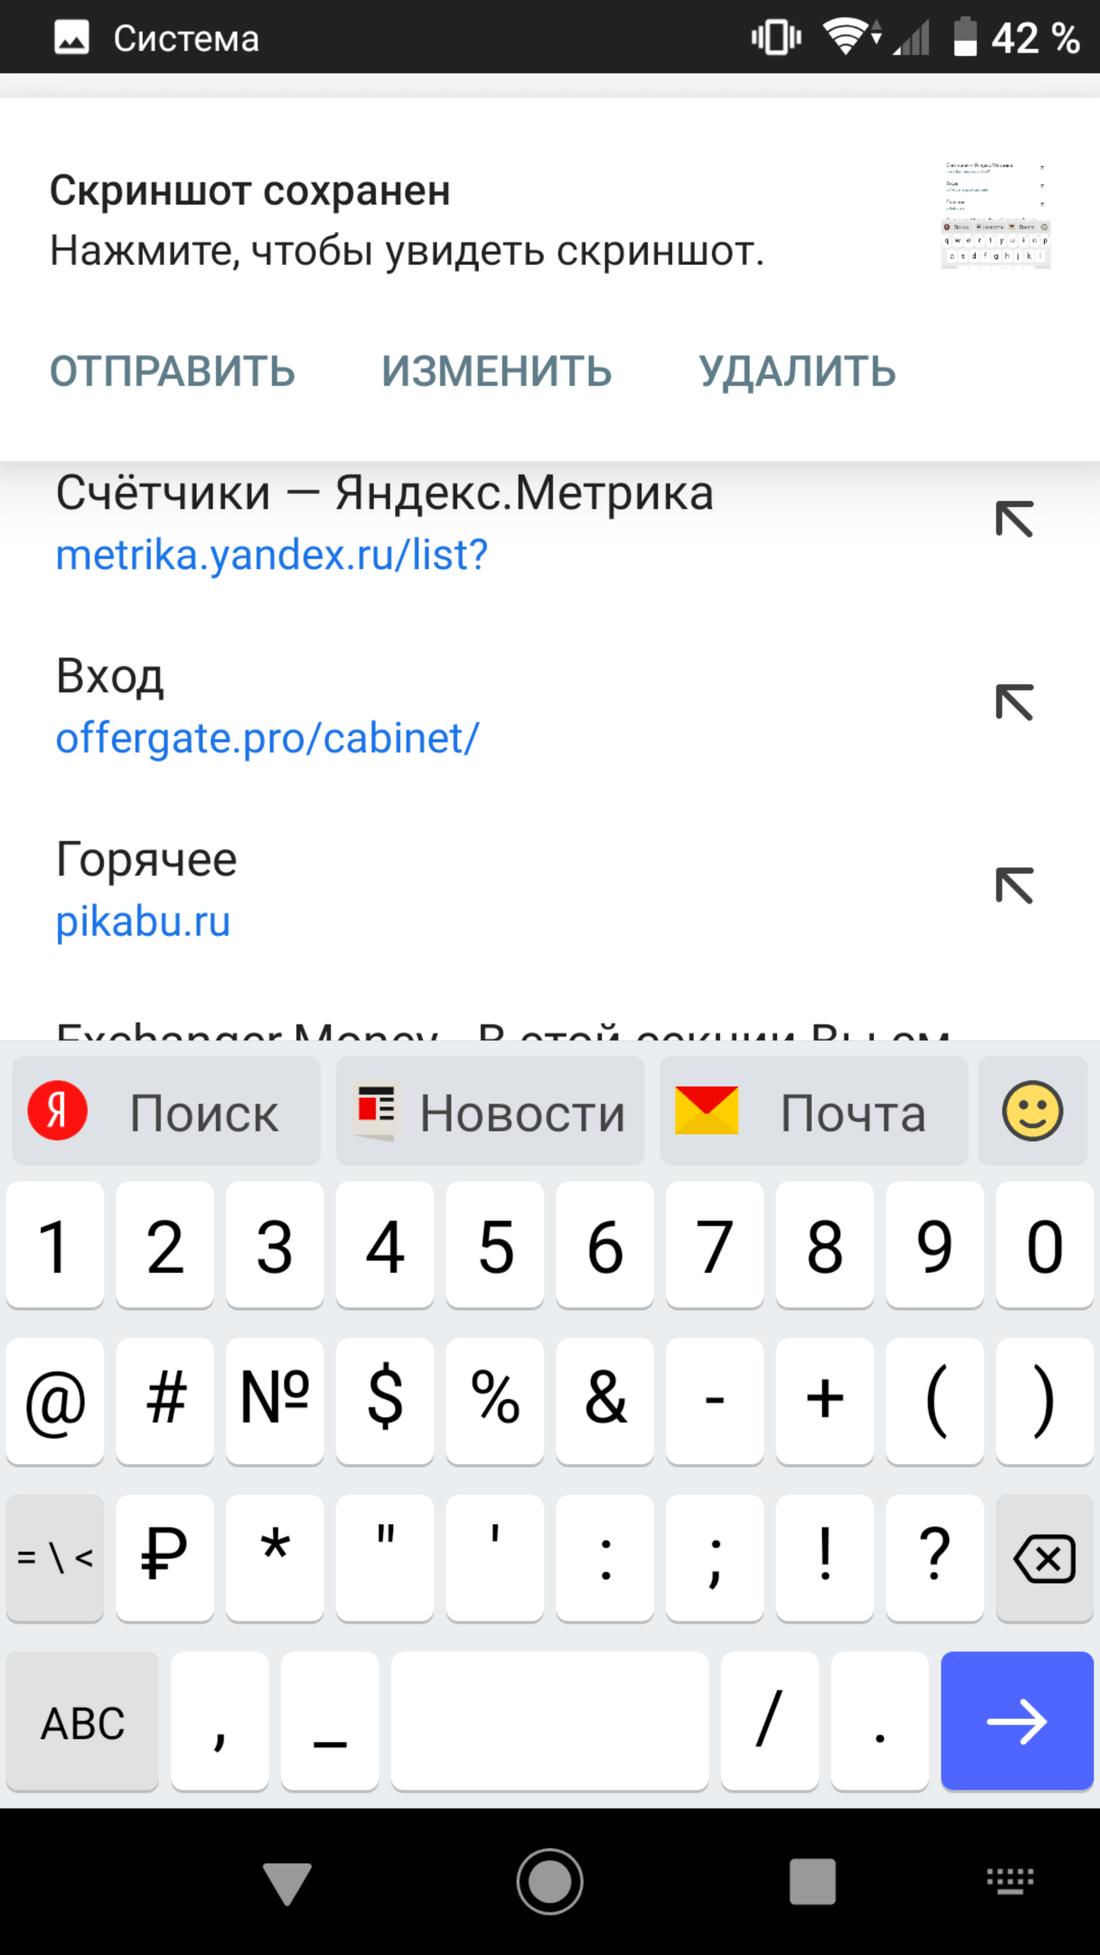 Скриншот #3 из программы Яндекс.Клавиатура